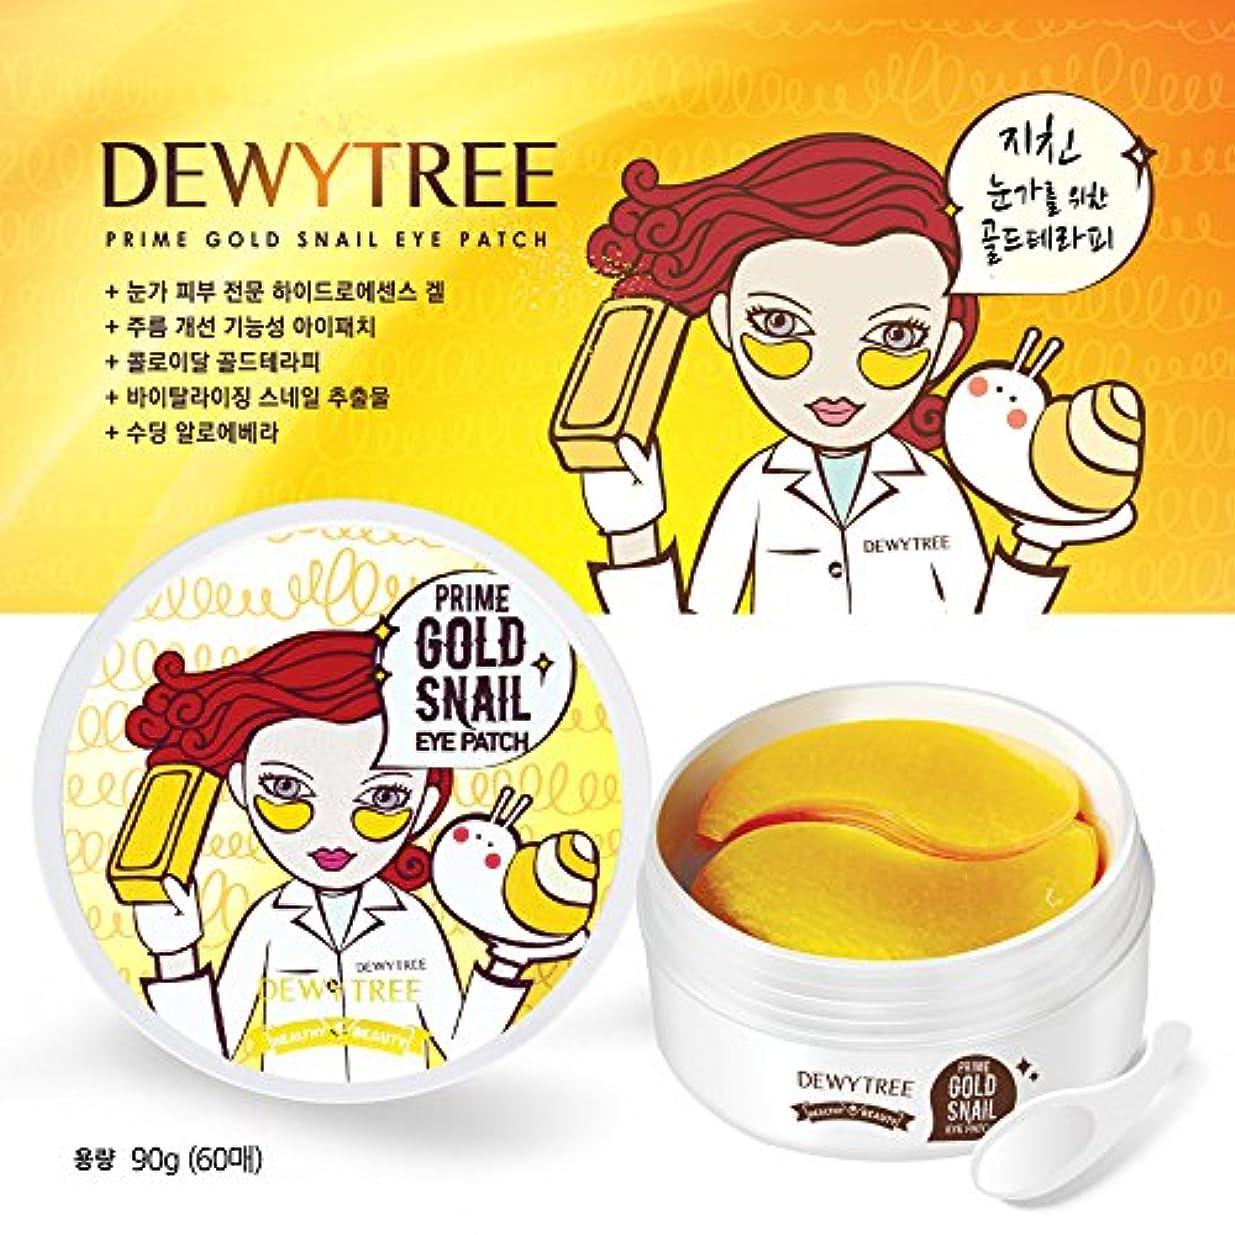 熱意時々許さないDEWYTREE Prime Gold Snail Eye Patch 60ea (PRIME GOLD SNAIL)/デュイツリー プライム ゴールド スネイル アイパッチ 60ea (プライム ゴールド スネイル)